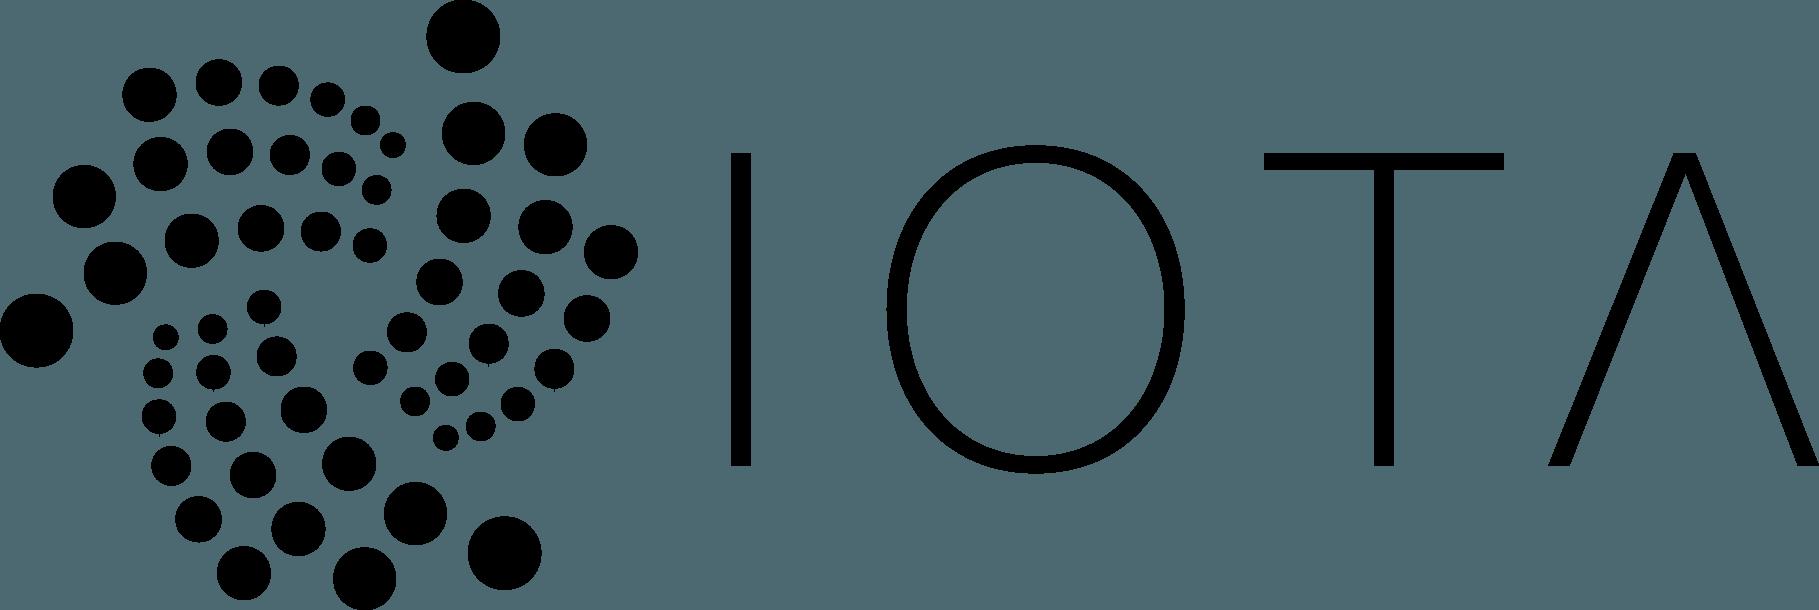 kryptowaluta iota